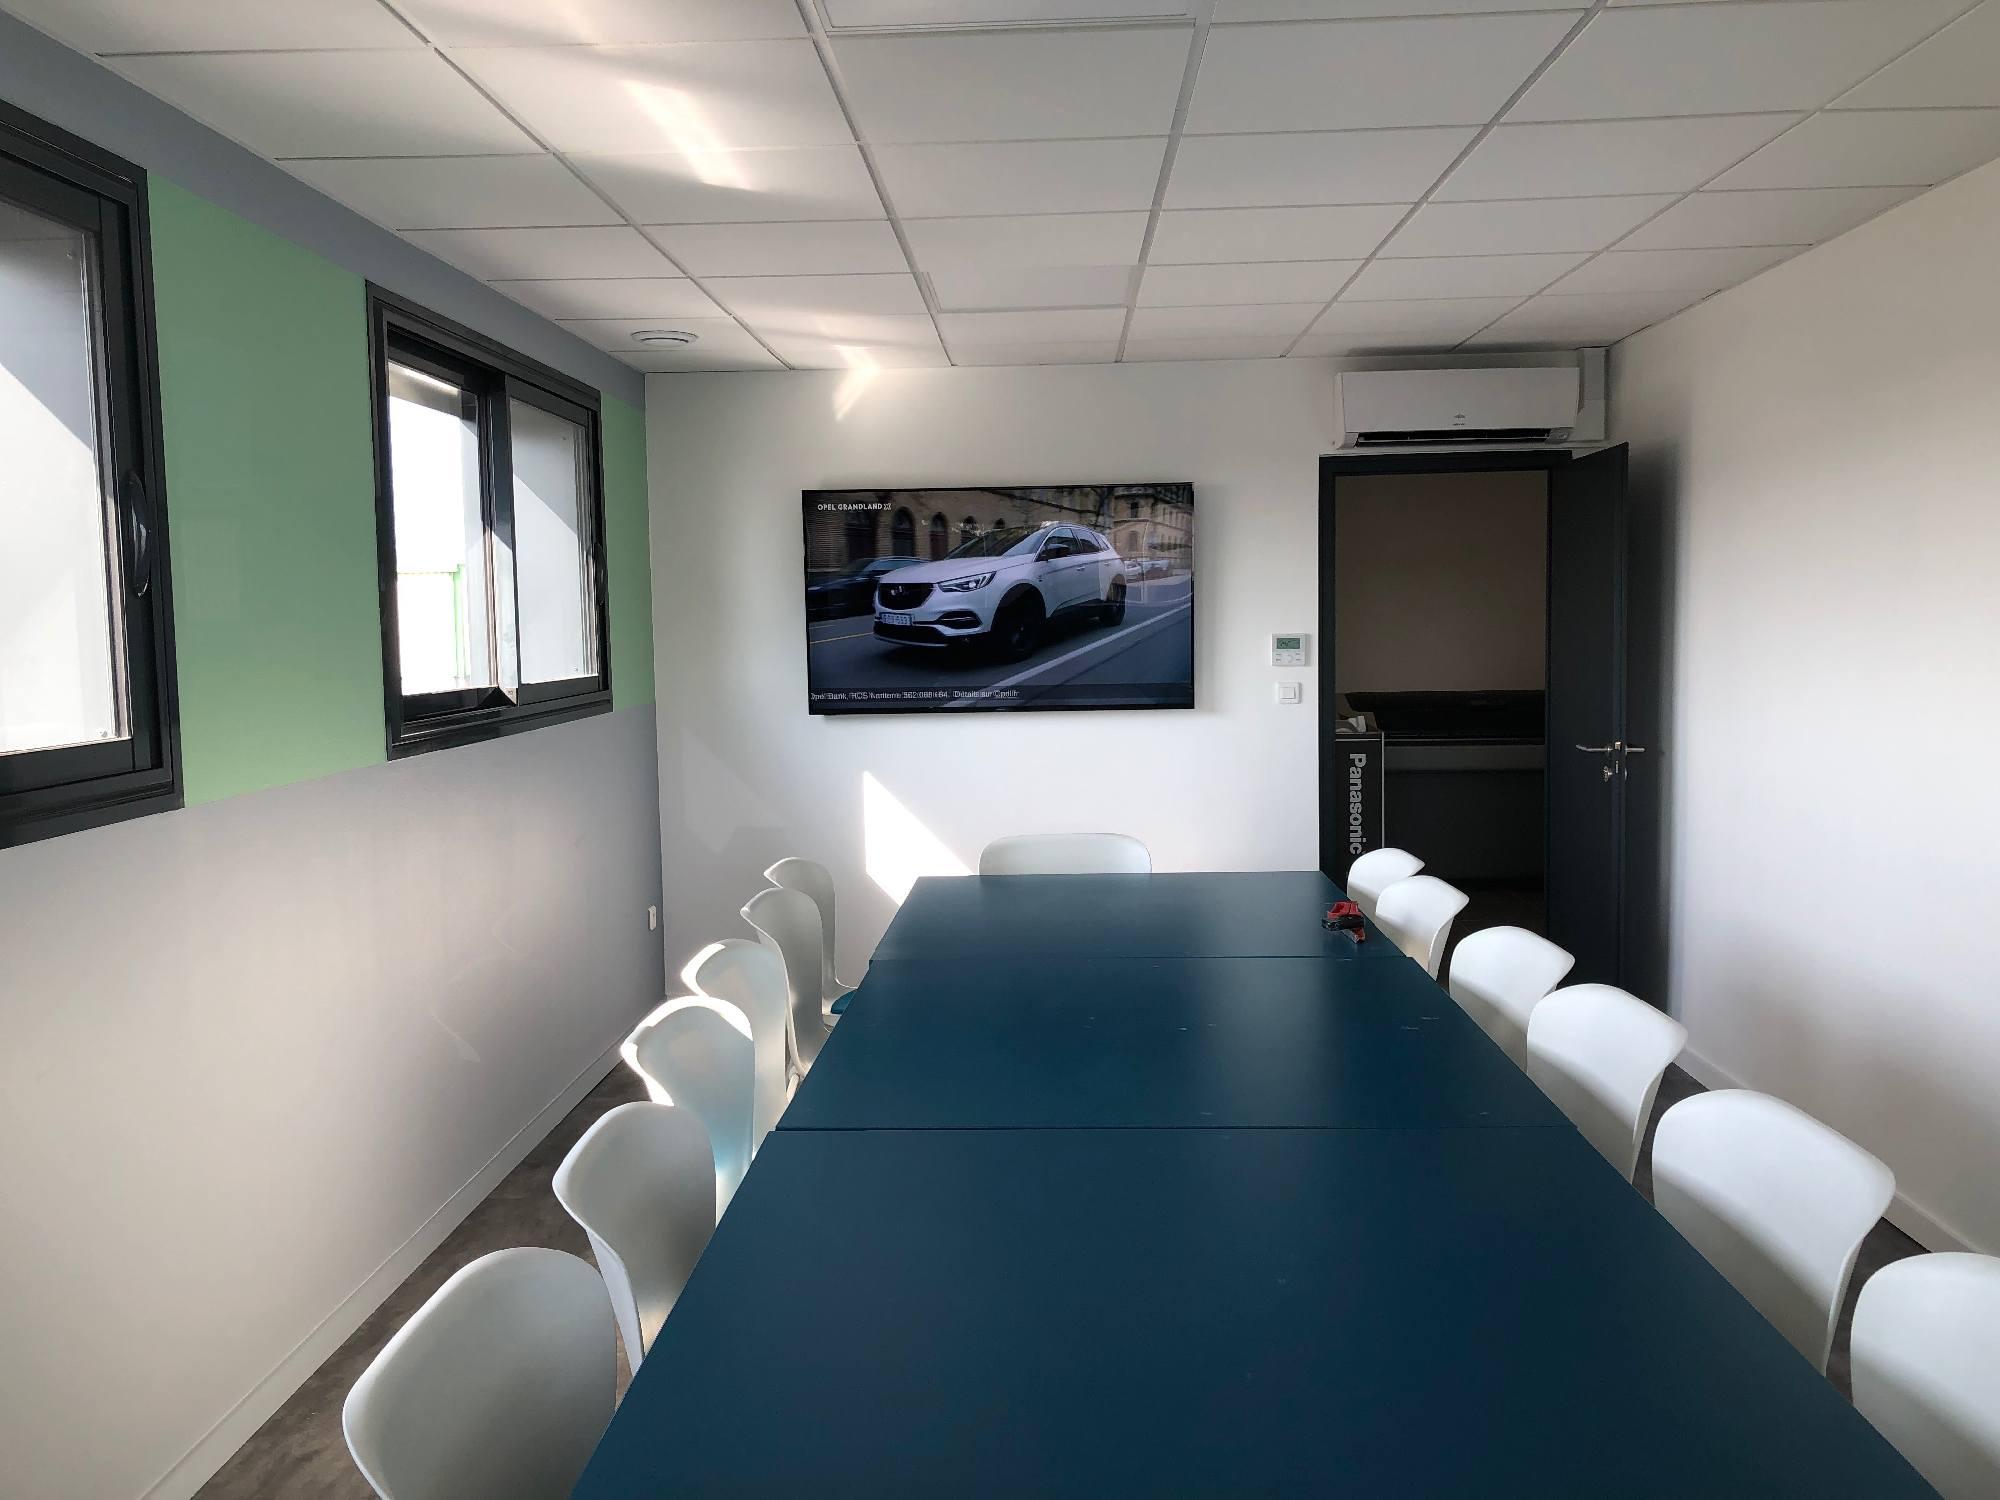 Installation d'un écran dans une salle de réunion d'une entreprise de Vaulx en Velin 69120